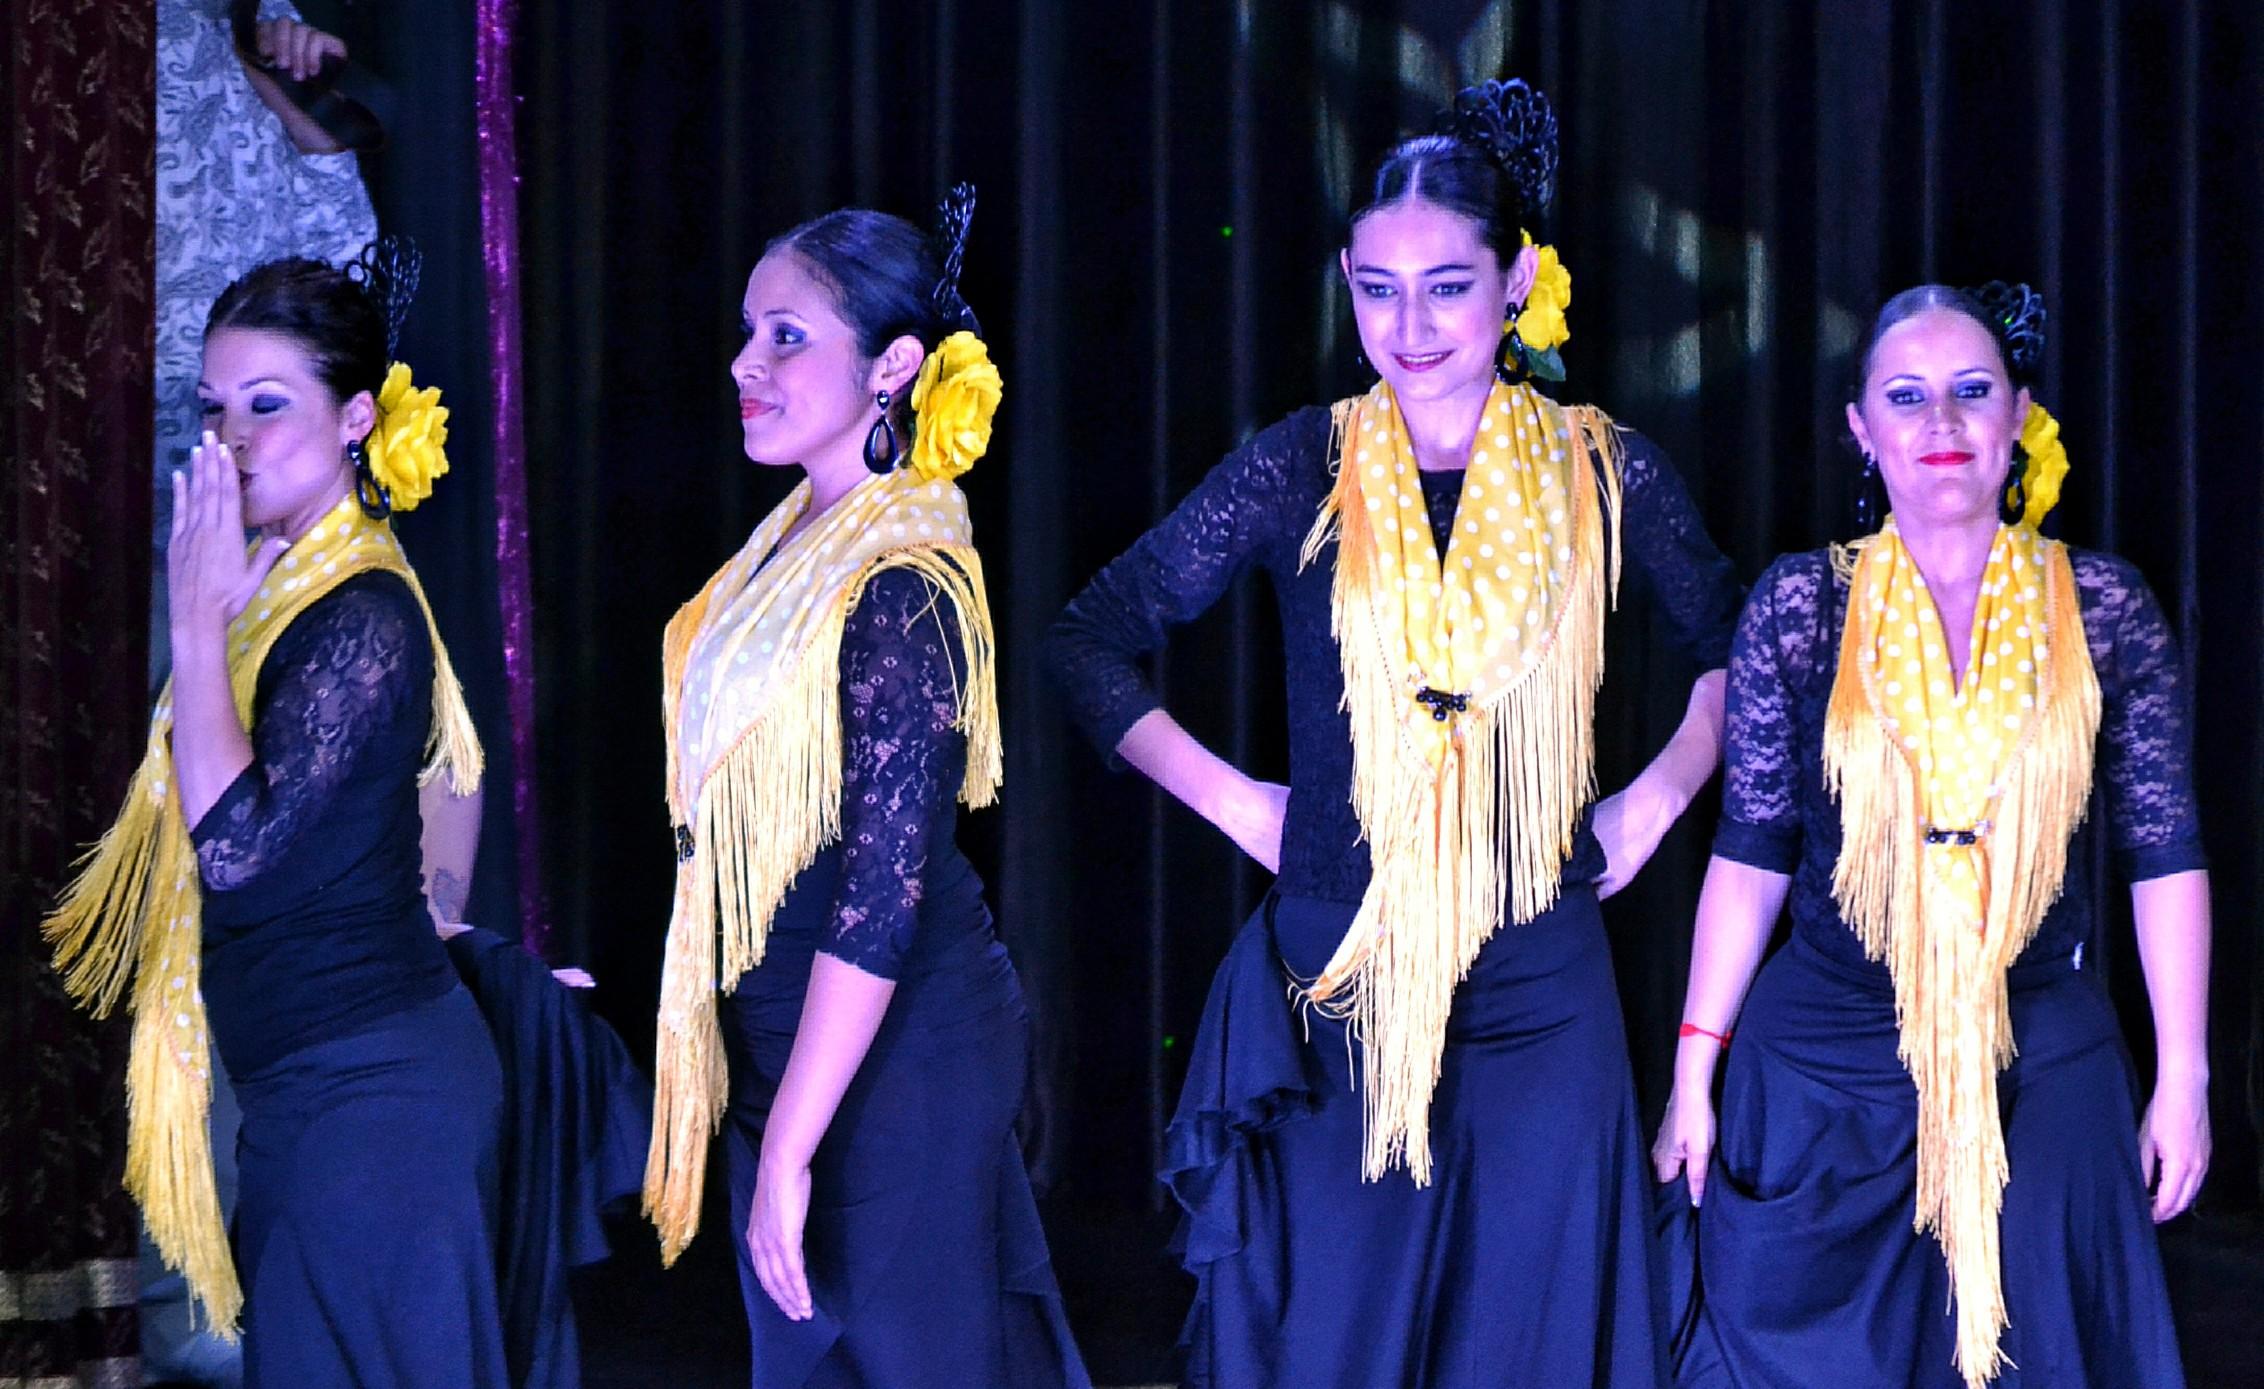 Linea-de-Baile-festival-verano-2015-clases-de-baile-valencia-110